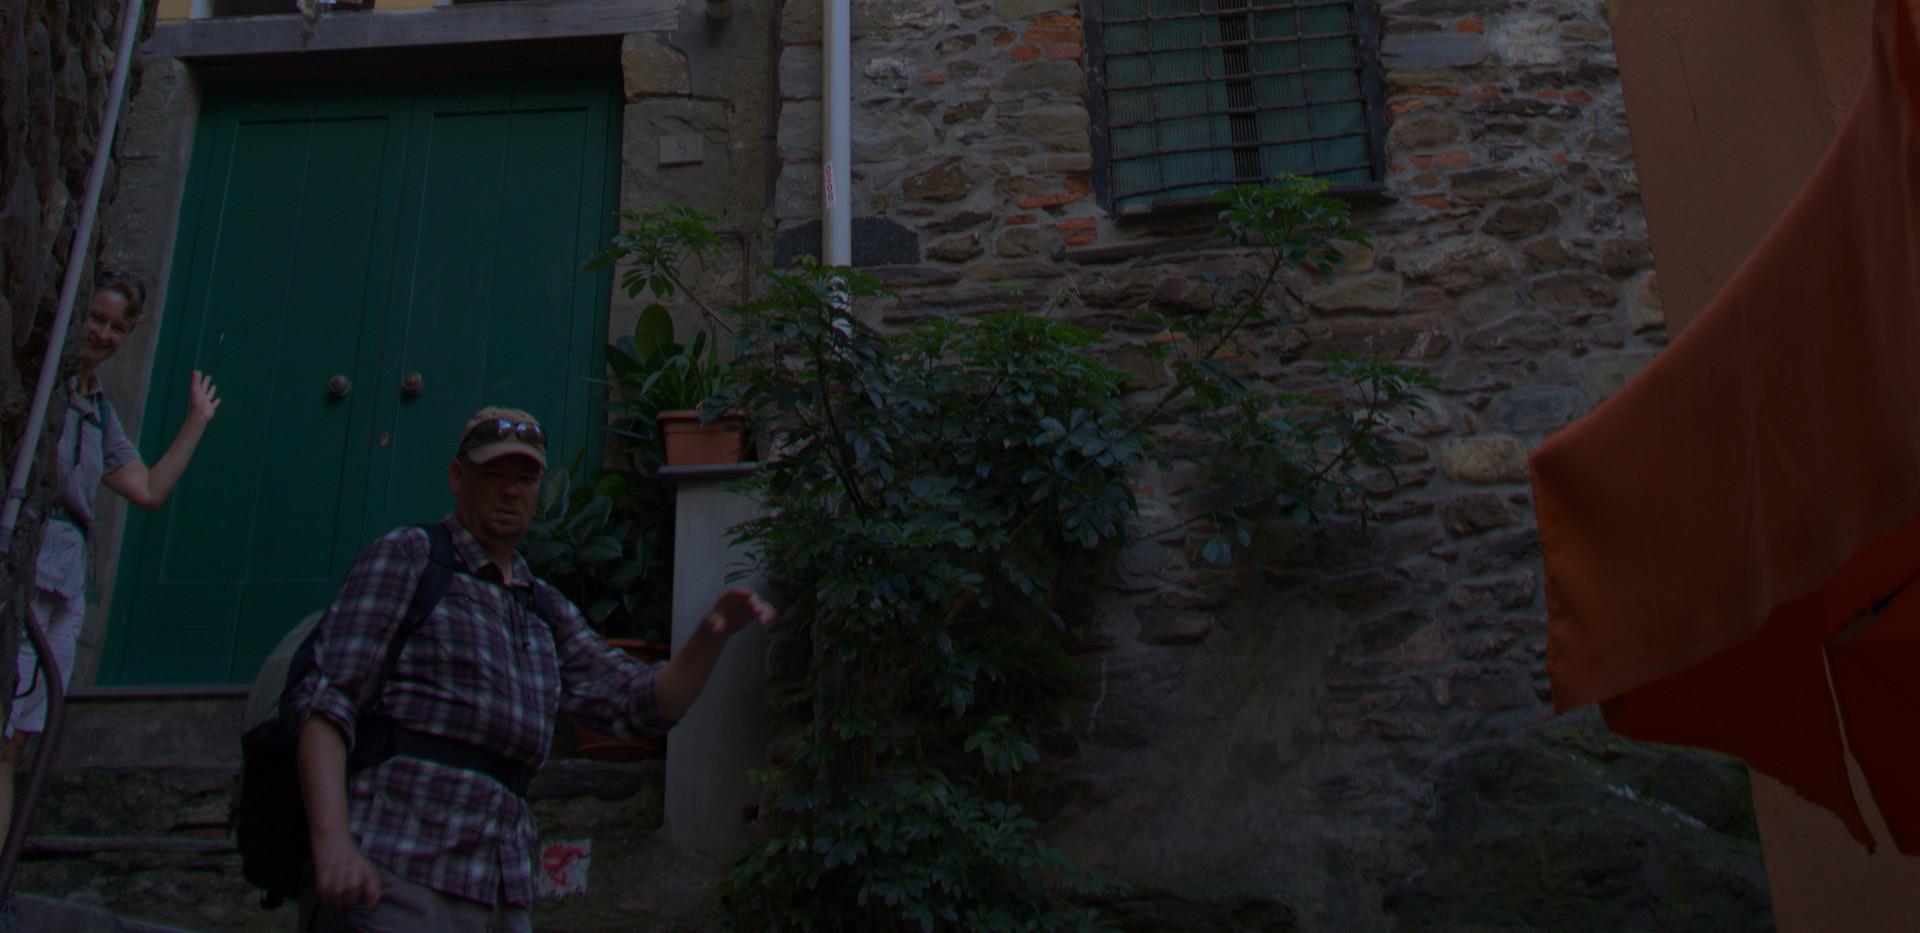 vernazza10.jpg